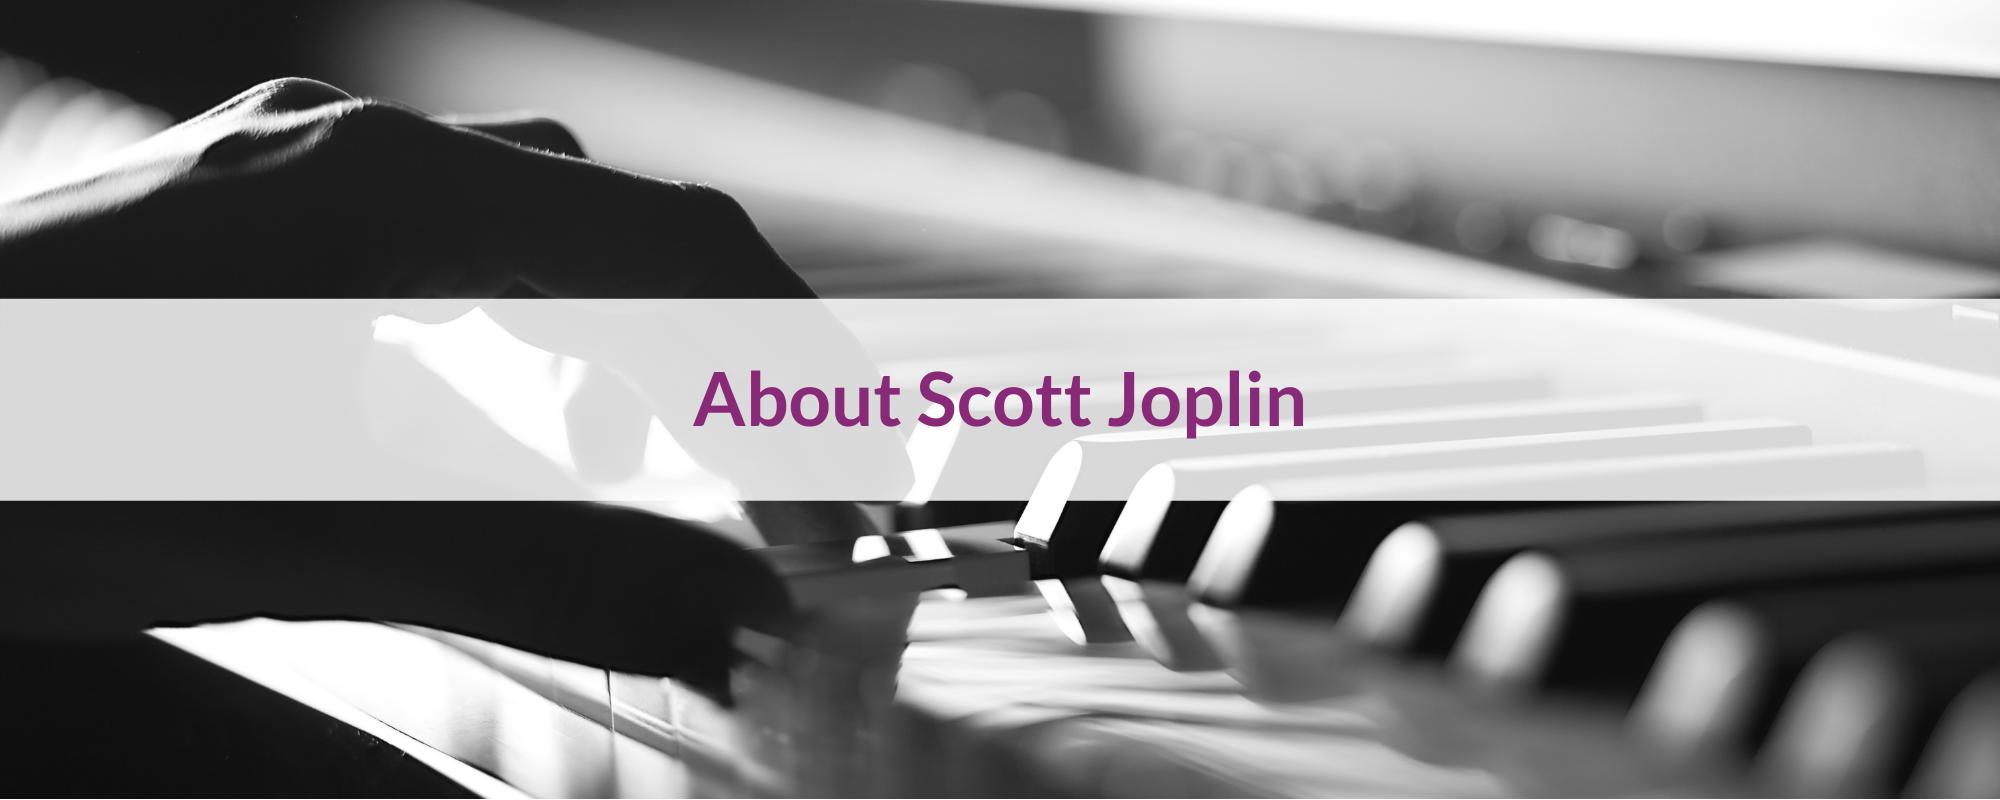 Scott Joplin – The King of Ragtime